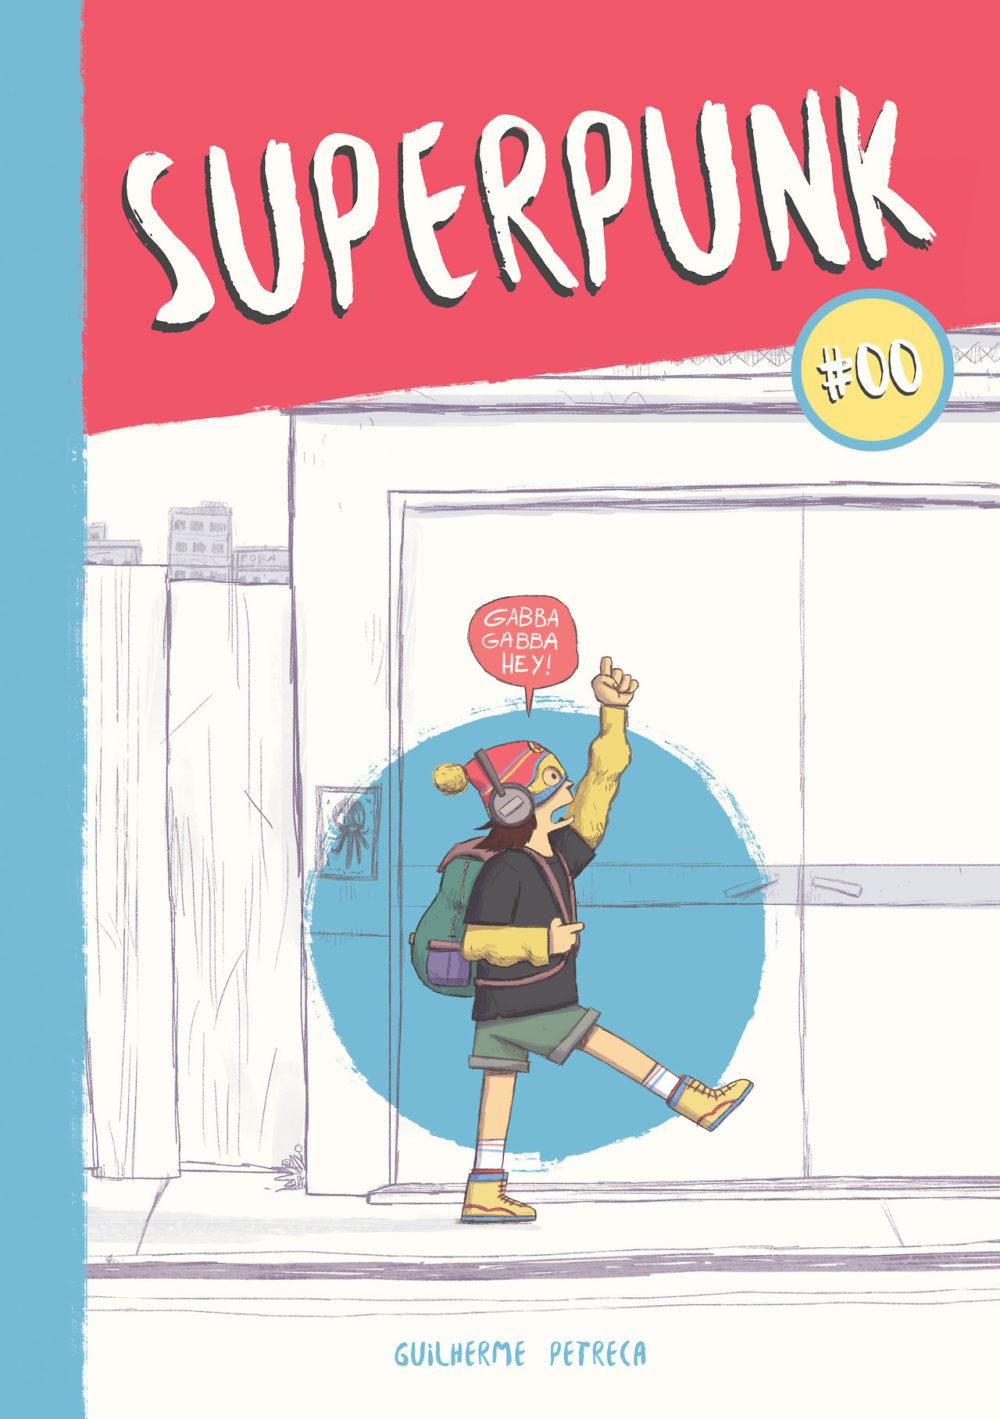 Superpunk: confira a capa e uma prévia da nova HQ de Guilherme Petreca